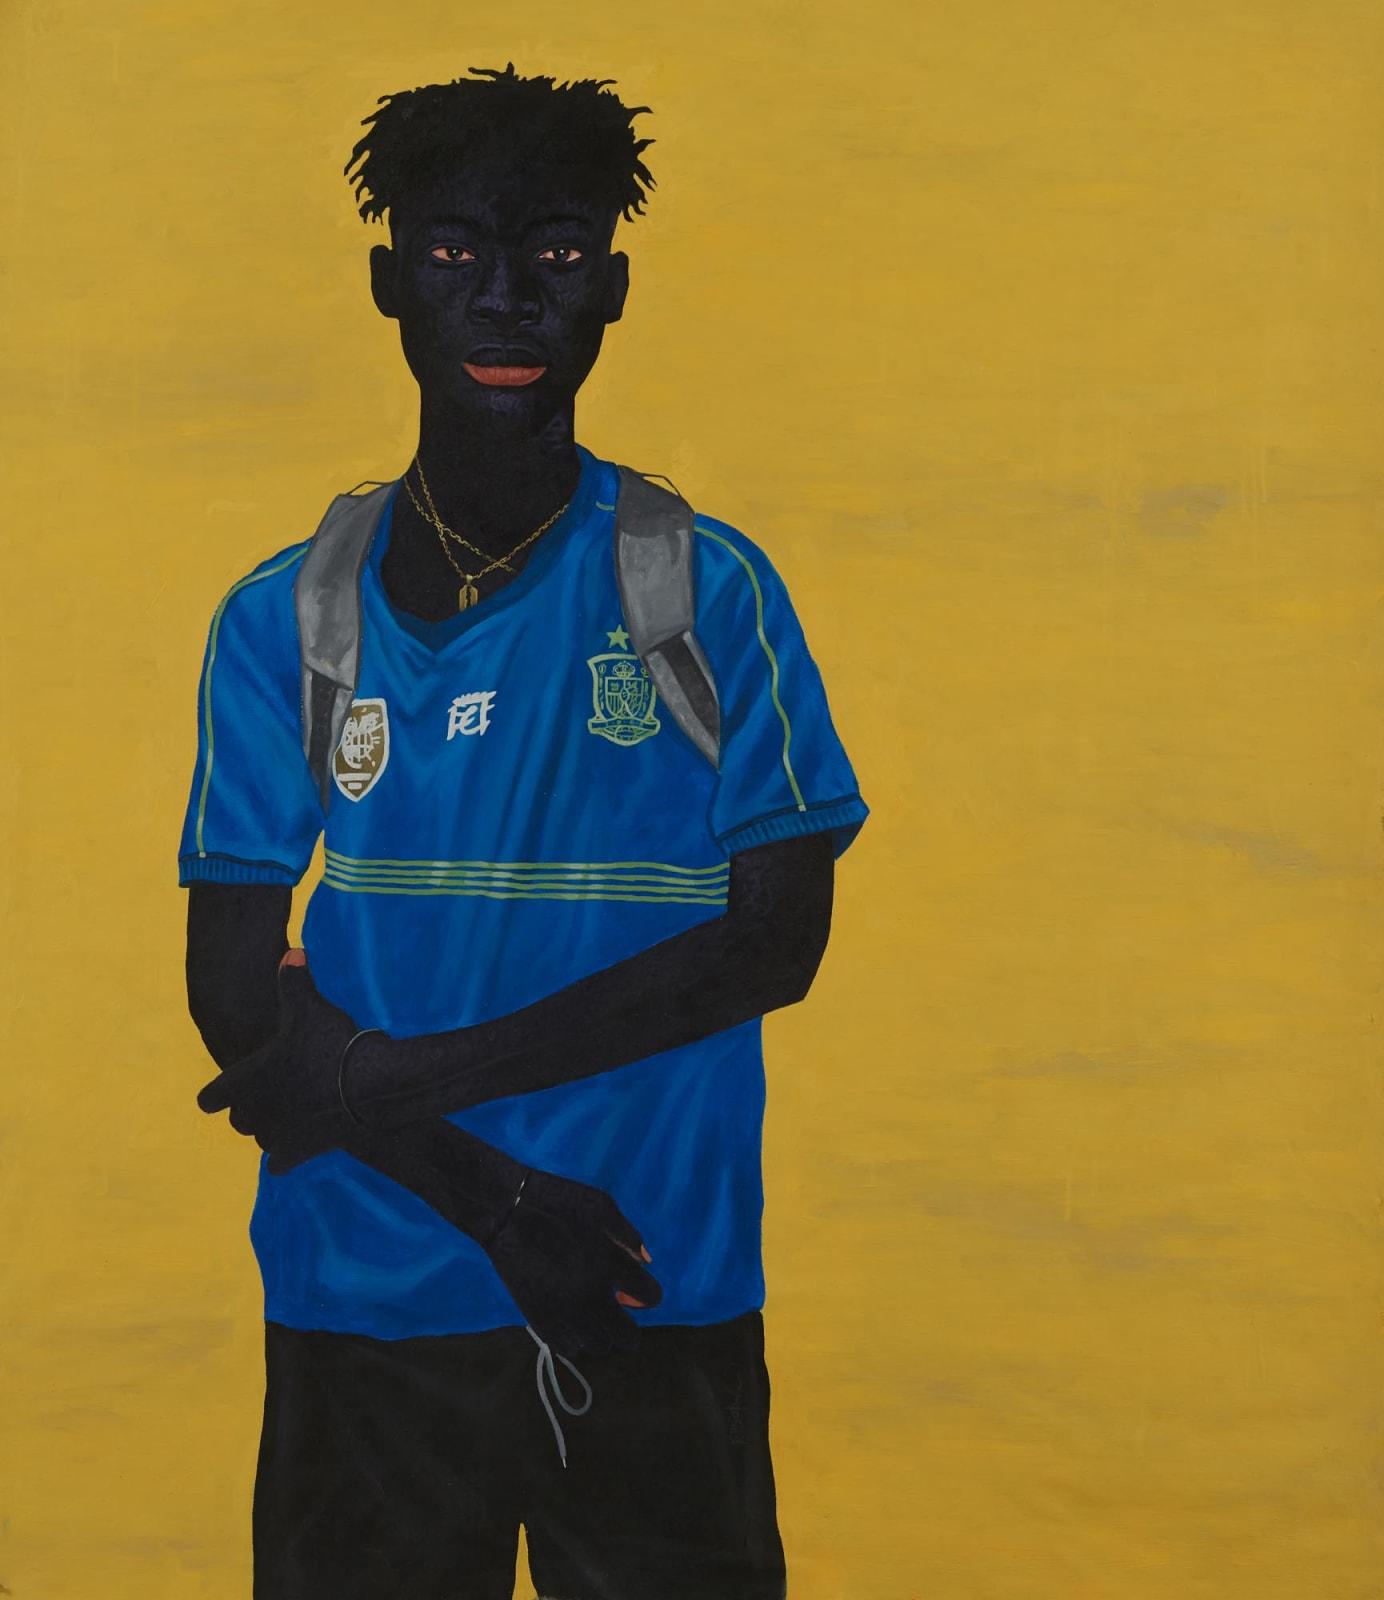 Kwesi Botchway, Razor Blade Necklace, 2020